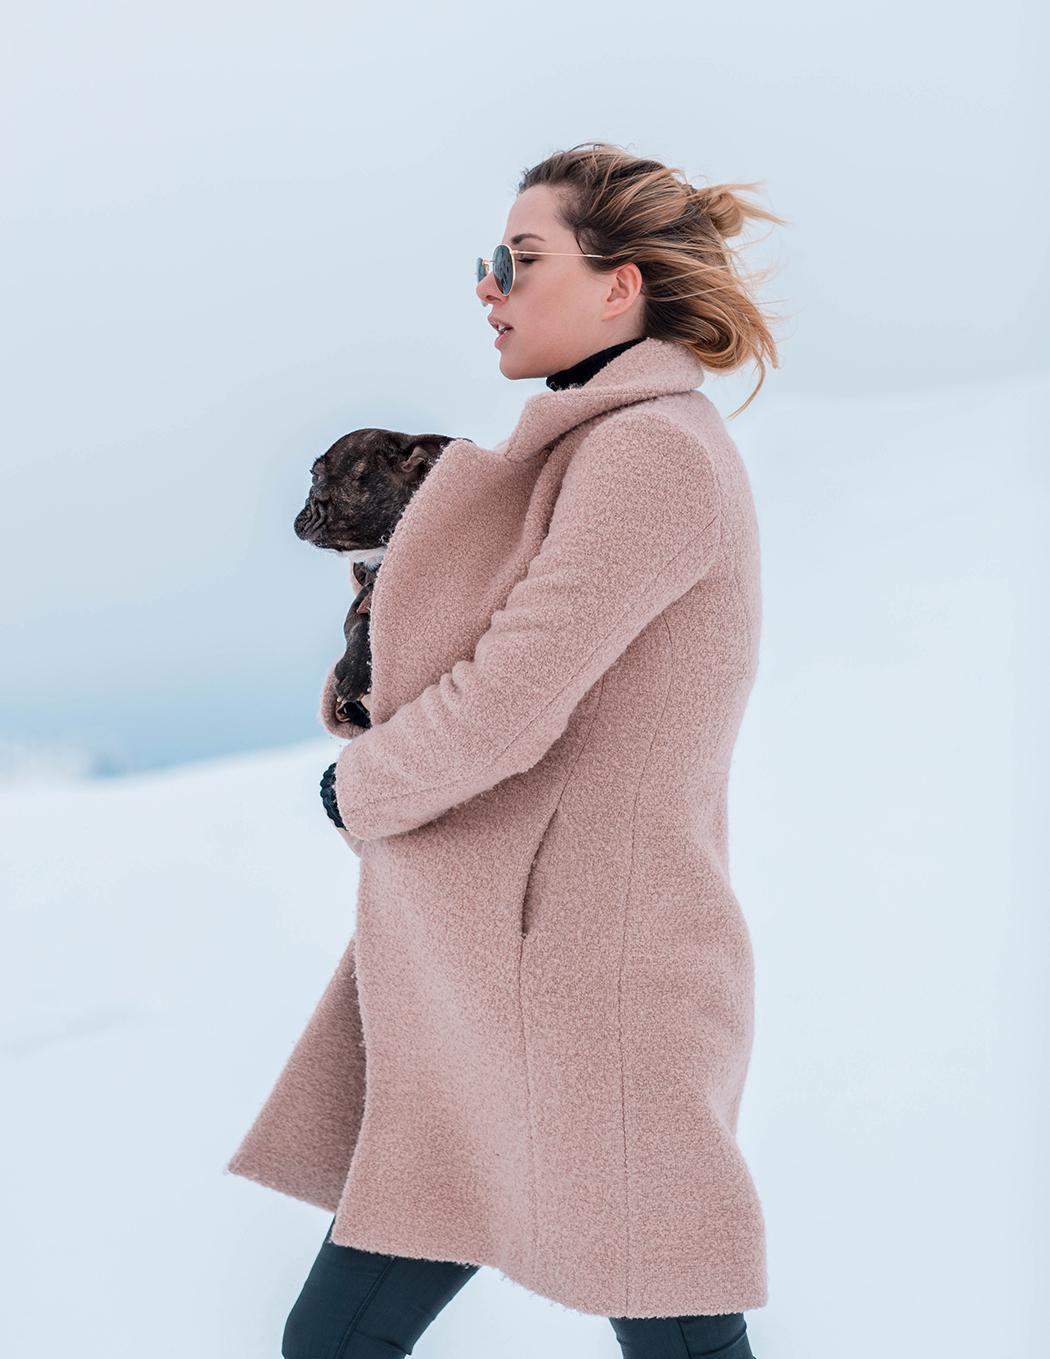 Fashionblog-Fashionblogger-Fashion-Blog-Blogger-Sorel-Boots-Innsbruck-Lindarella-8-web